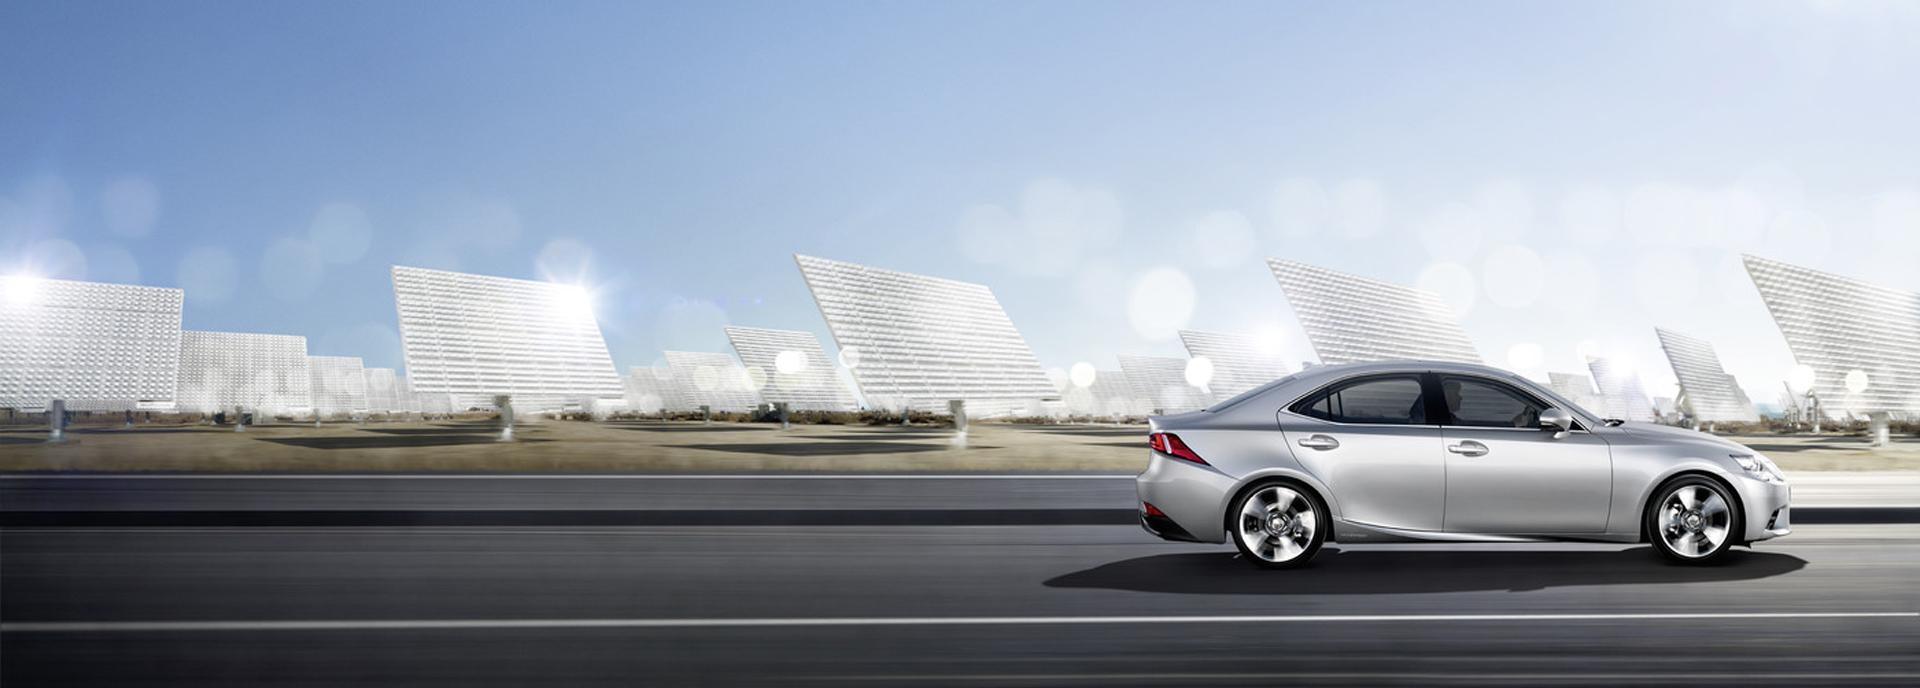 NX Hybrid 300h grigio chiaro su strada extraurbana Sullo sfondo dei pannelli solari